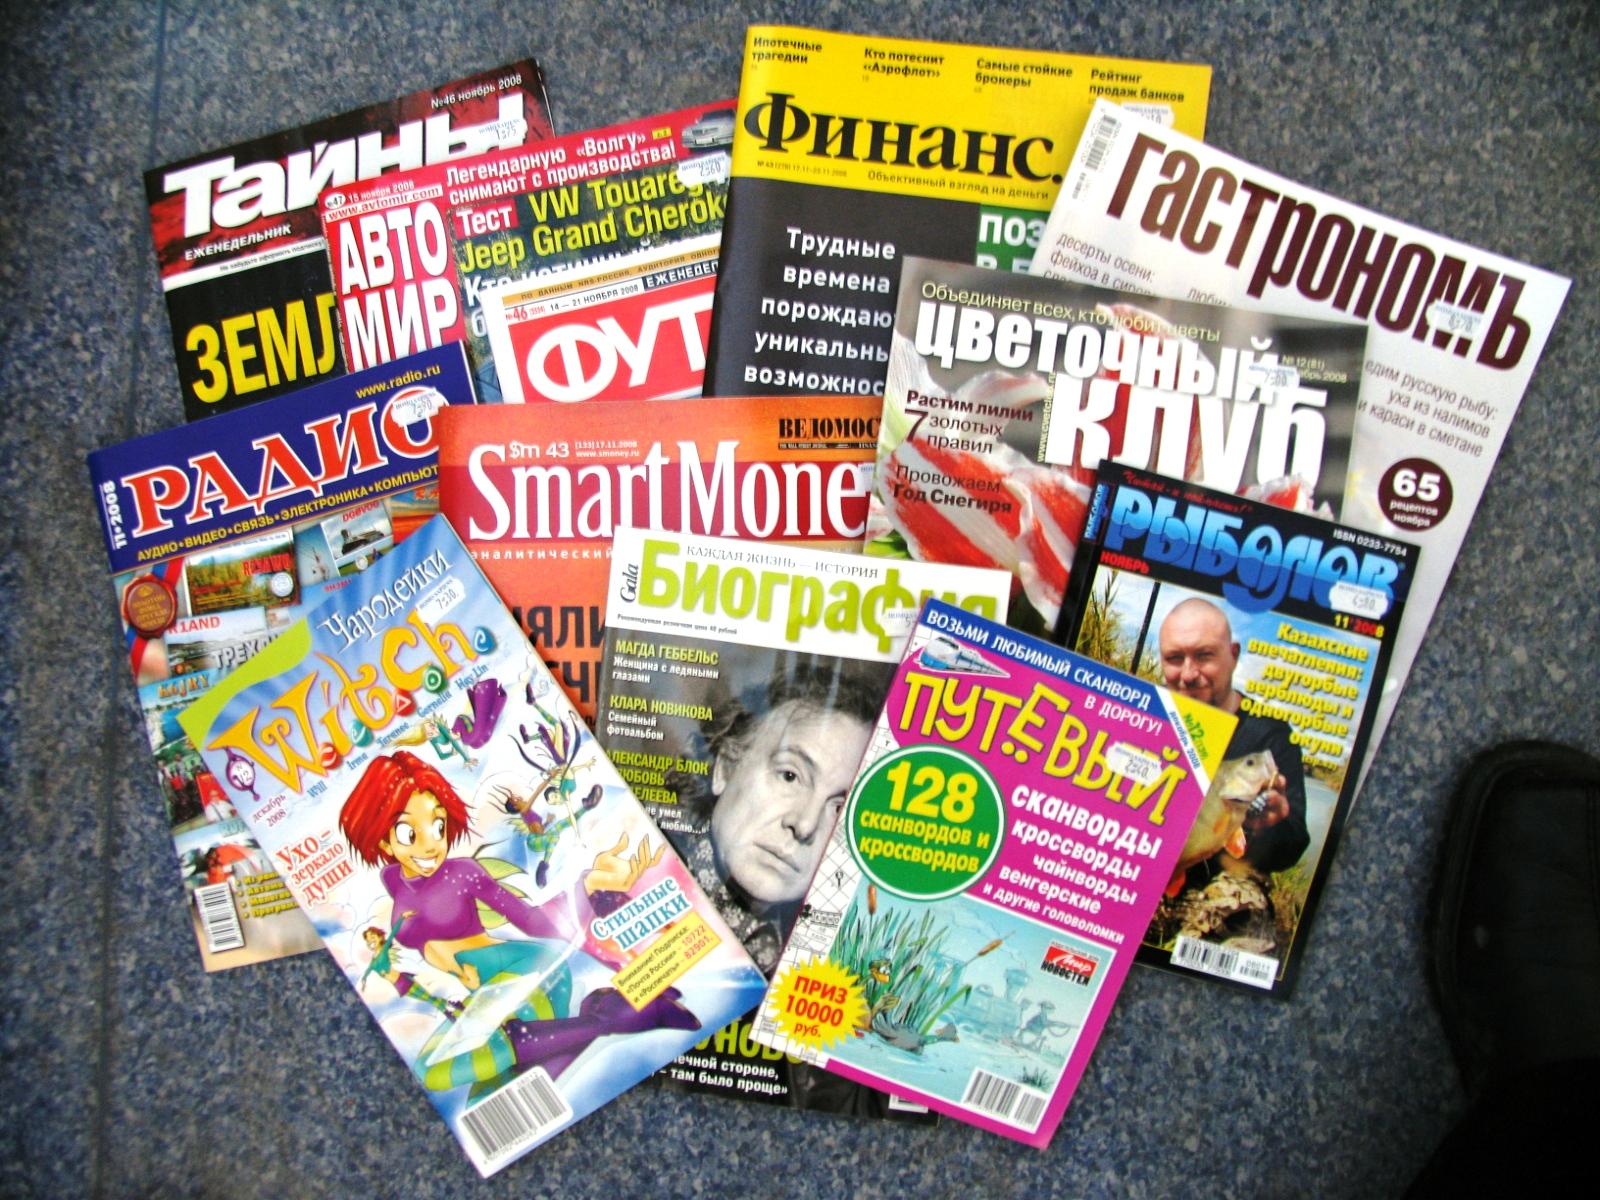 Печать переодических журналов в Москве | фото 3